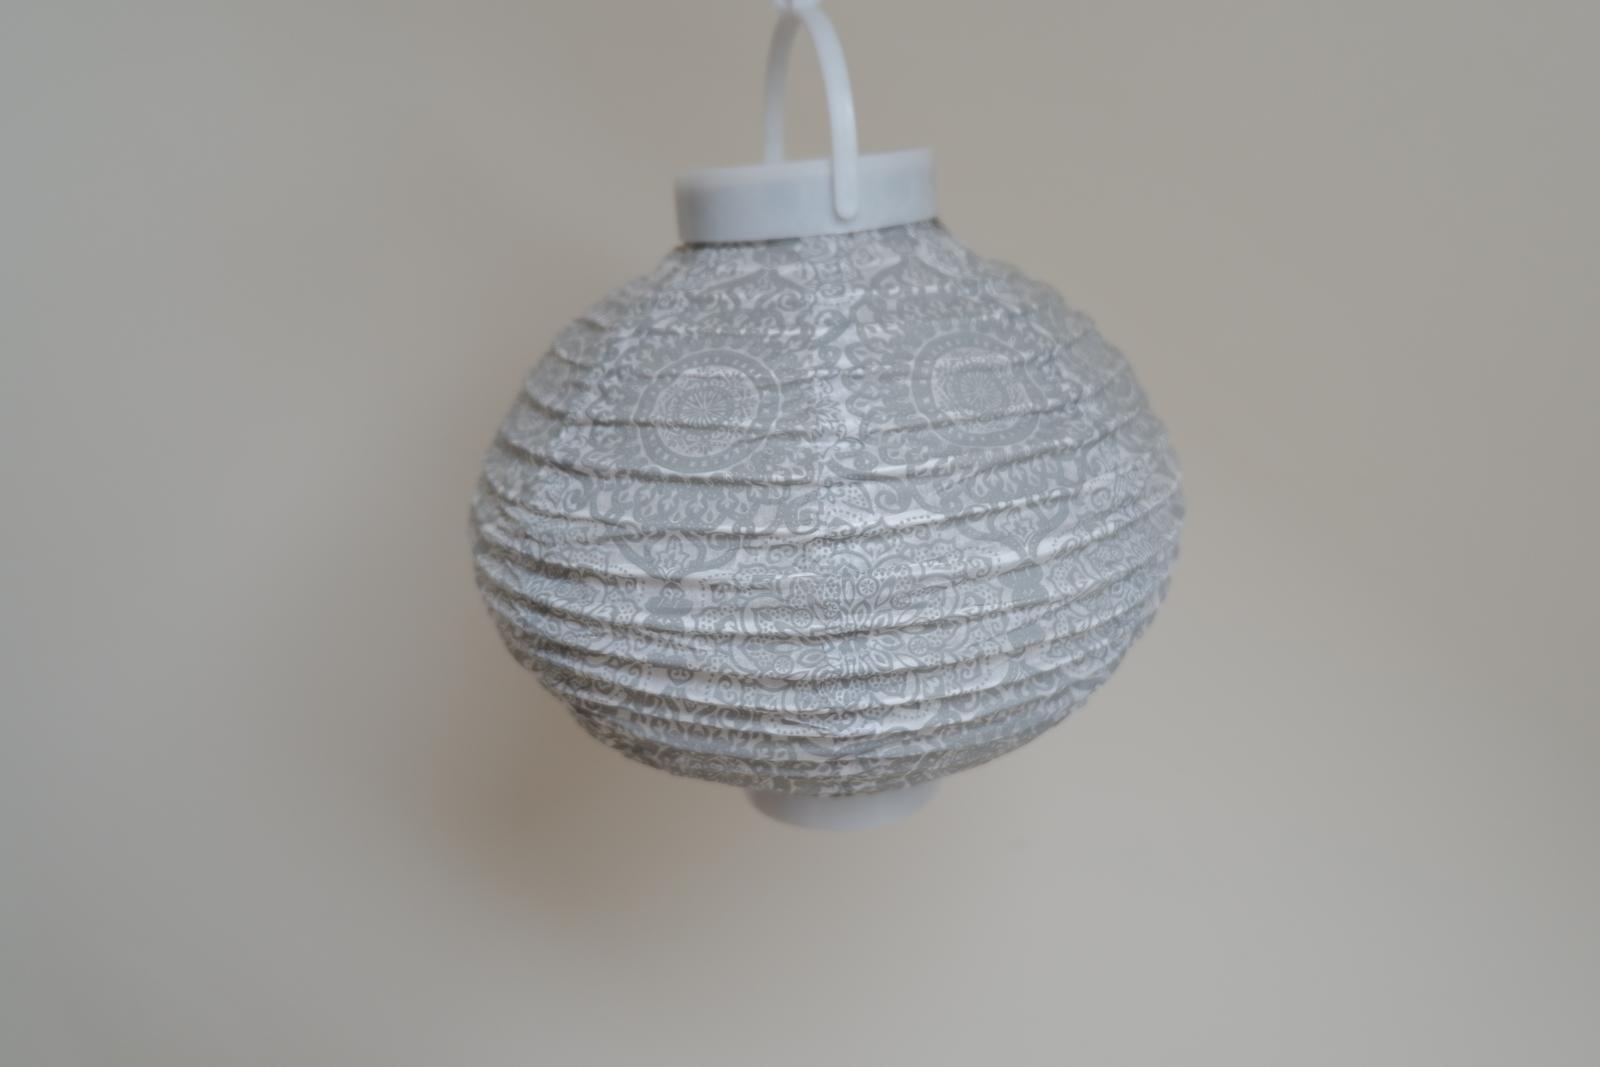 Závěsné lampiony na baterky - Obrázek č. 1